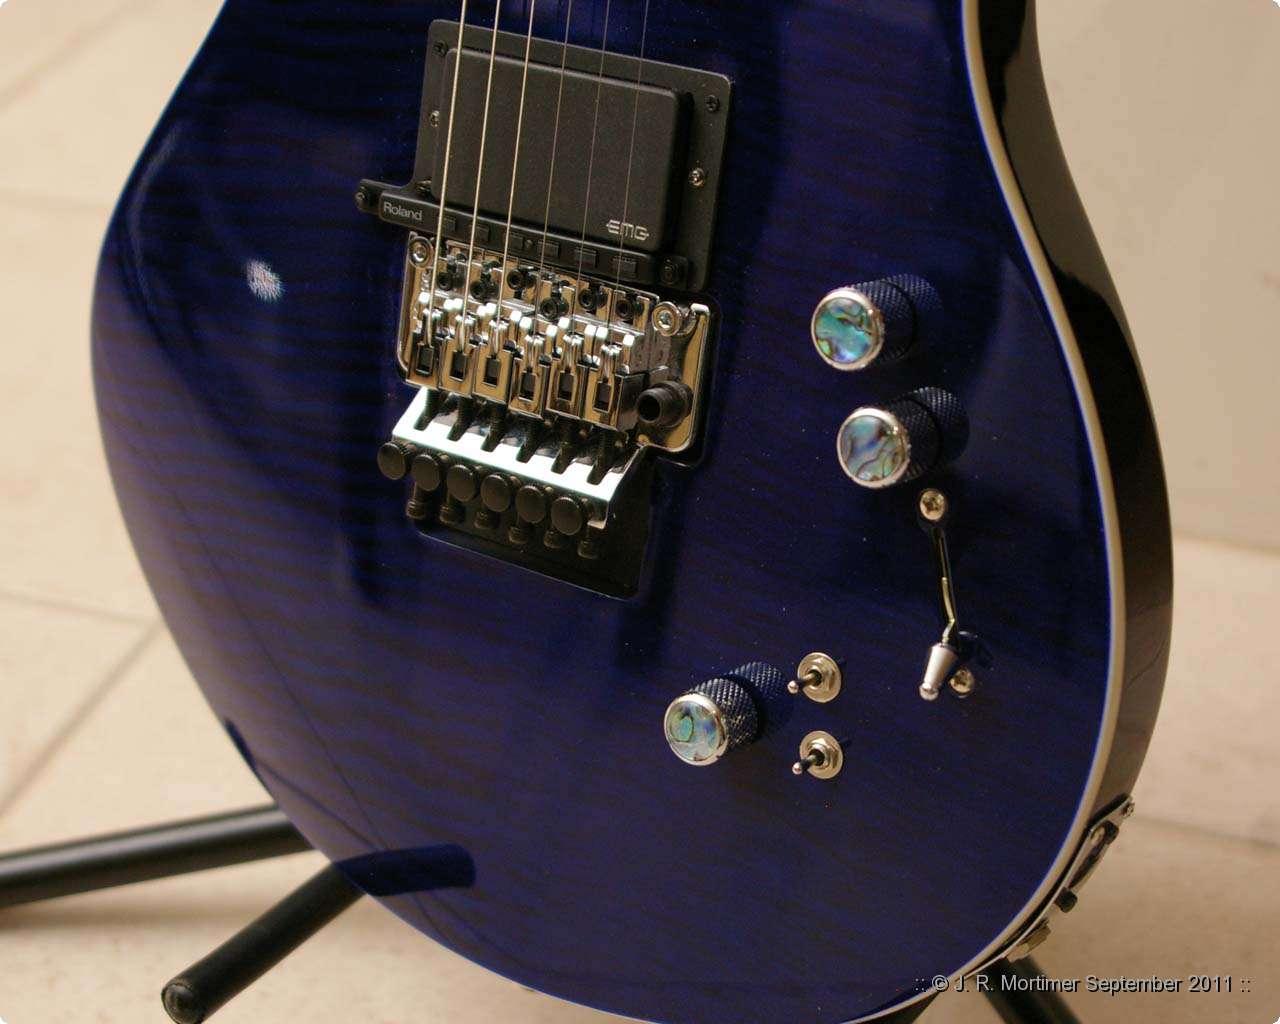 http://neophytte.mine.nu/photo/2011-09-28-PRS_Torero_add_Roland_GK-Kit-GT3/images/PRS_Torero_add_Roland_GK-Kit-GT3-056.jpg